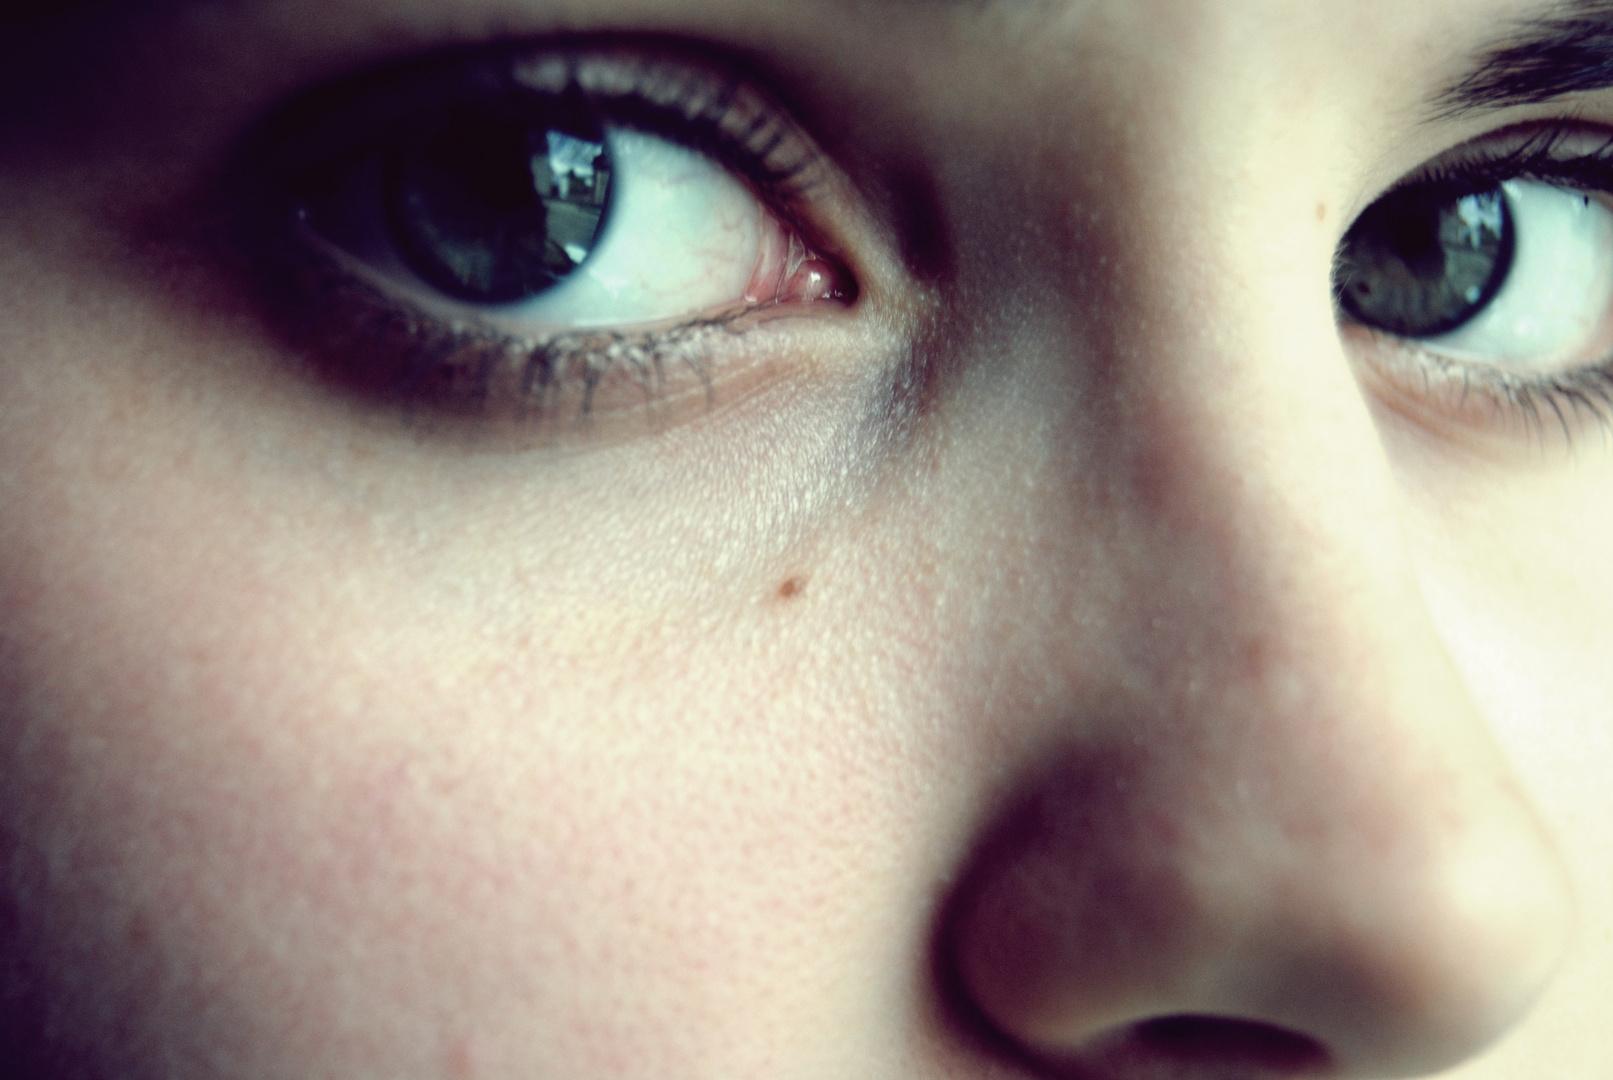 Il y a des yeux qui reçoivent la lumière et il y a des yeux qui la donnent.